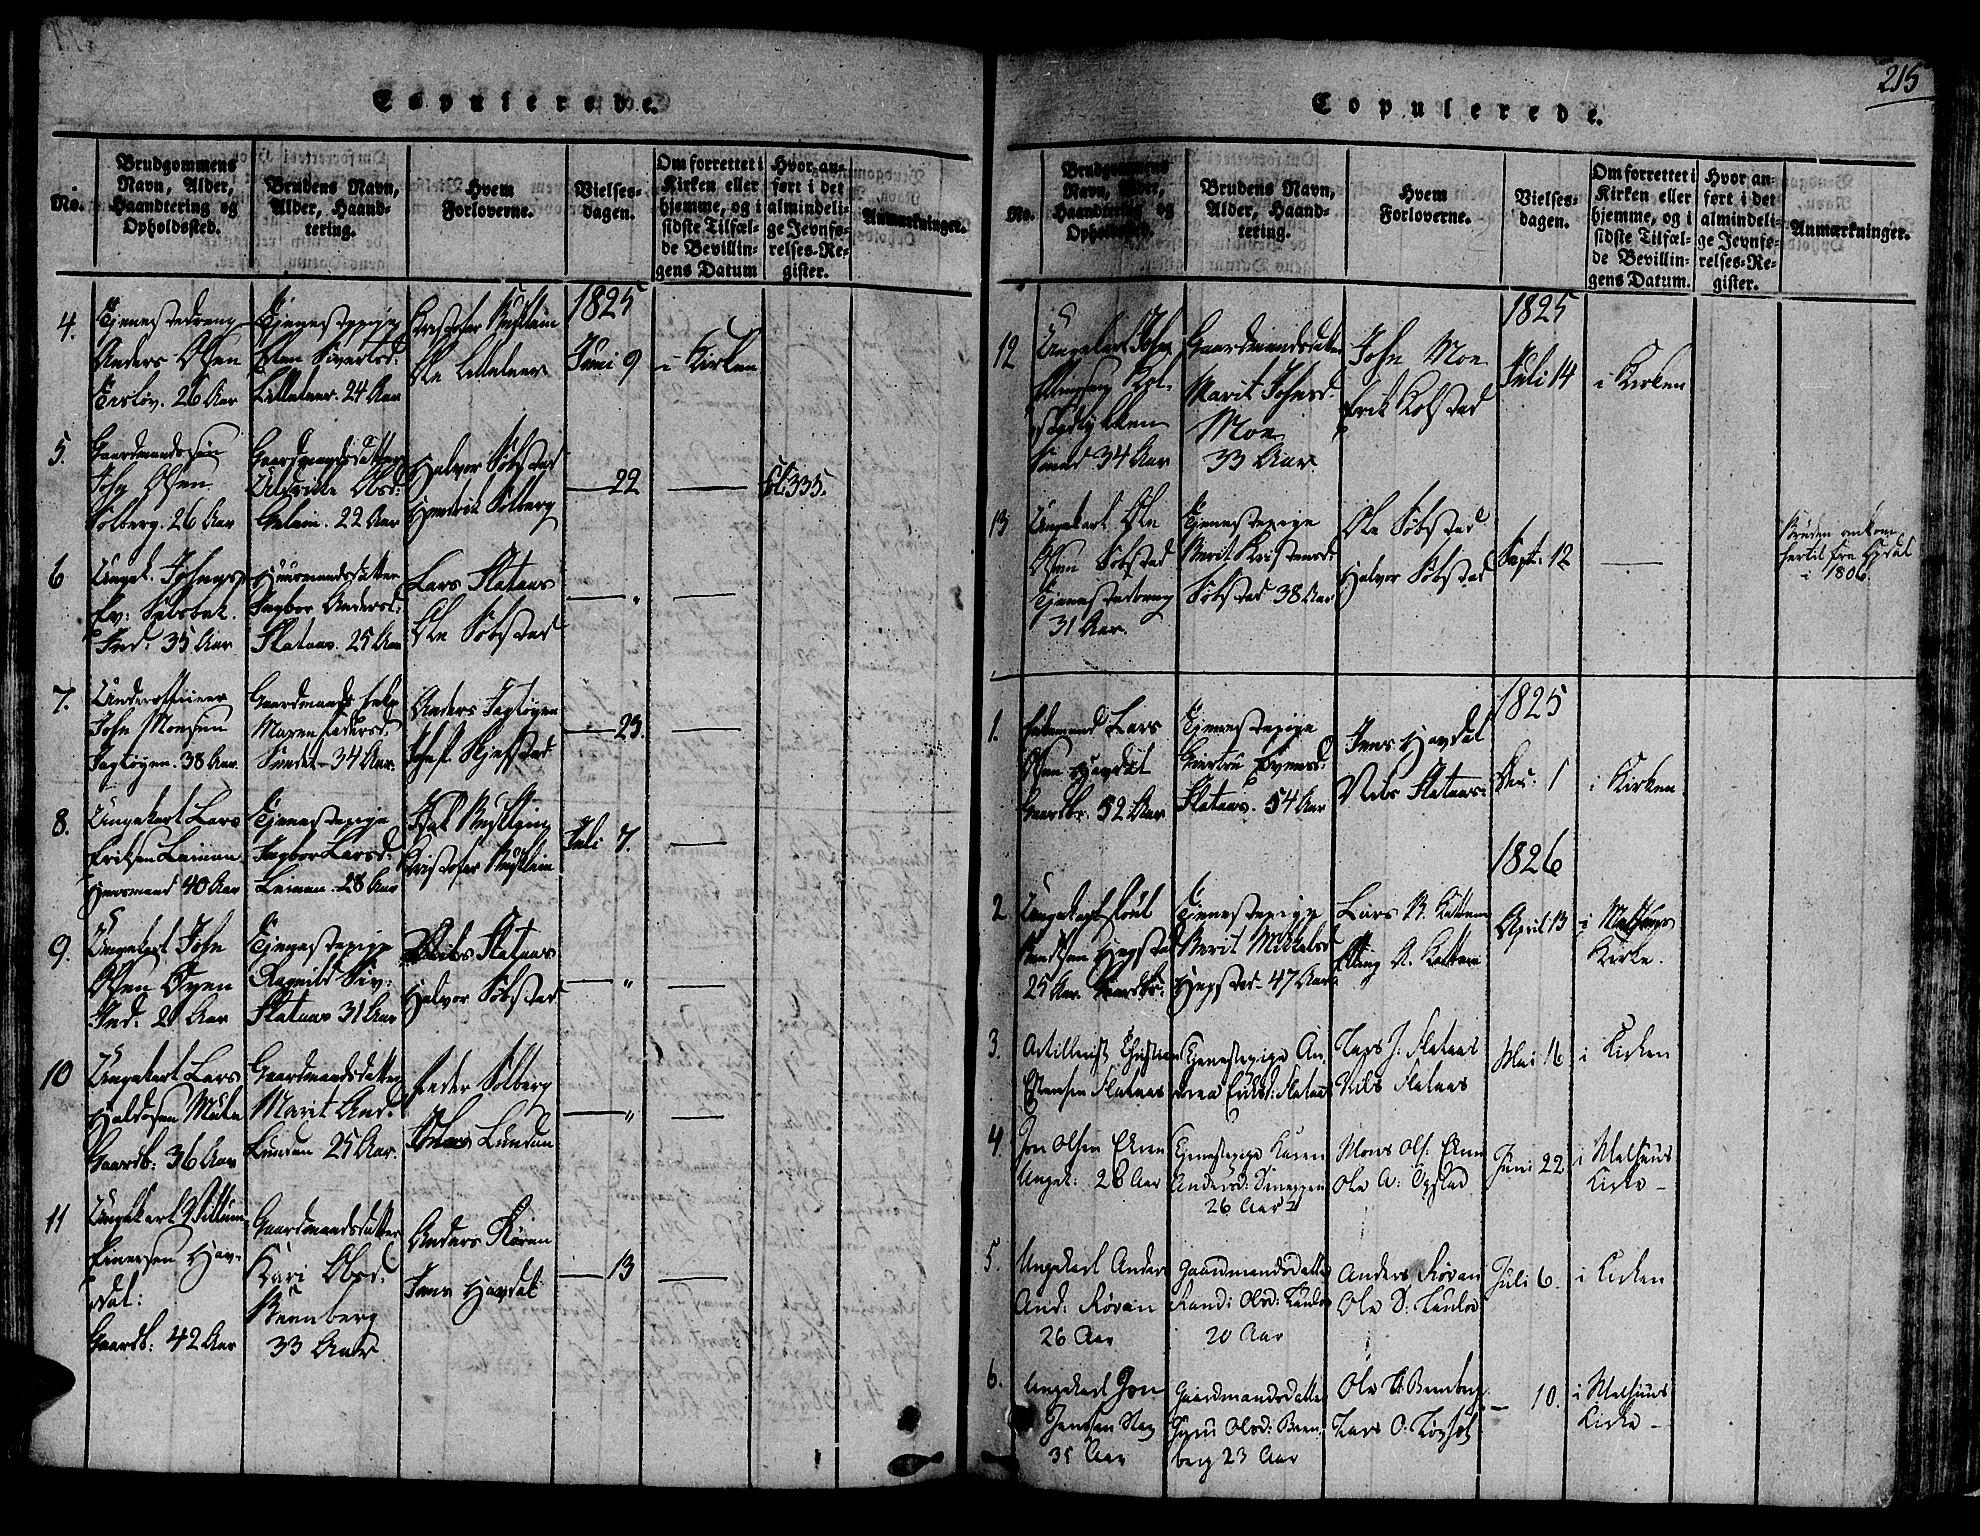 SAT, Ministerialprotokoller, klokkerbøker og fødselsregistre - Sør-Trøndelag, 691/L1067: Ministerialbok nr. 691A03 /3, 1816-1826, s. 215